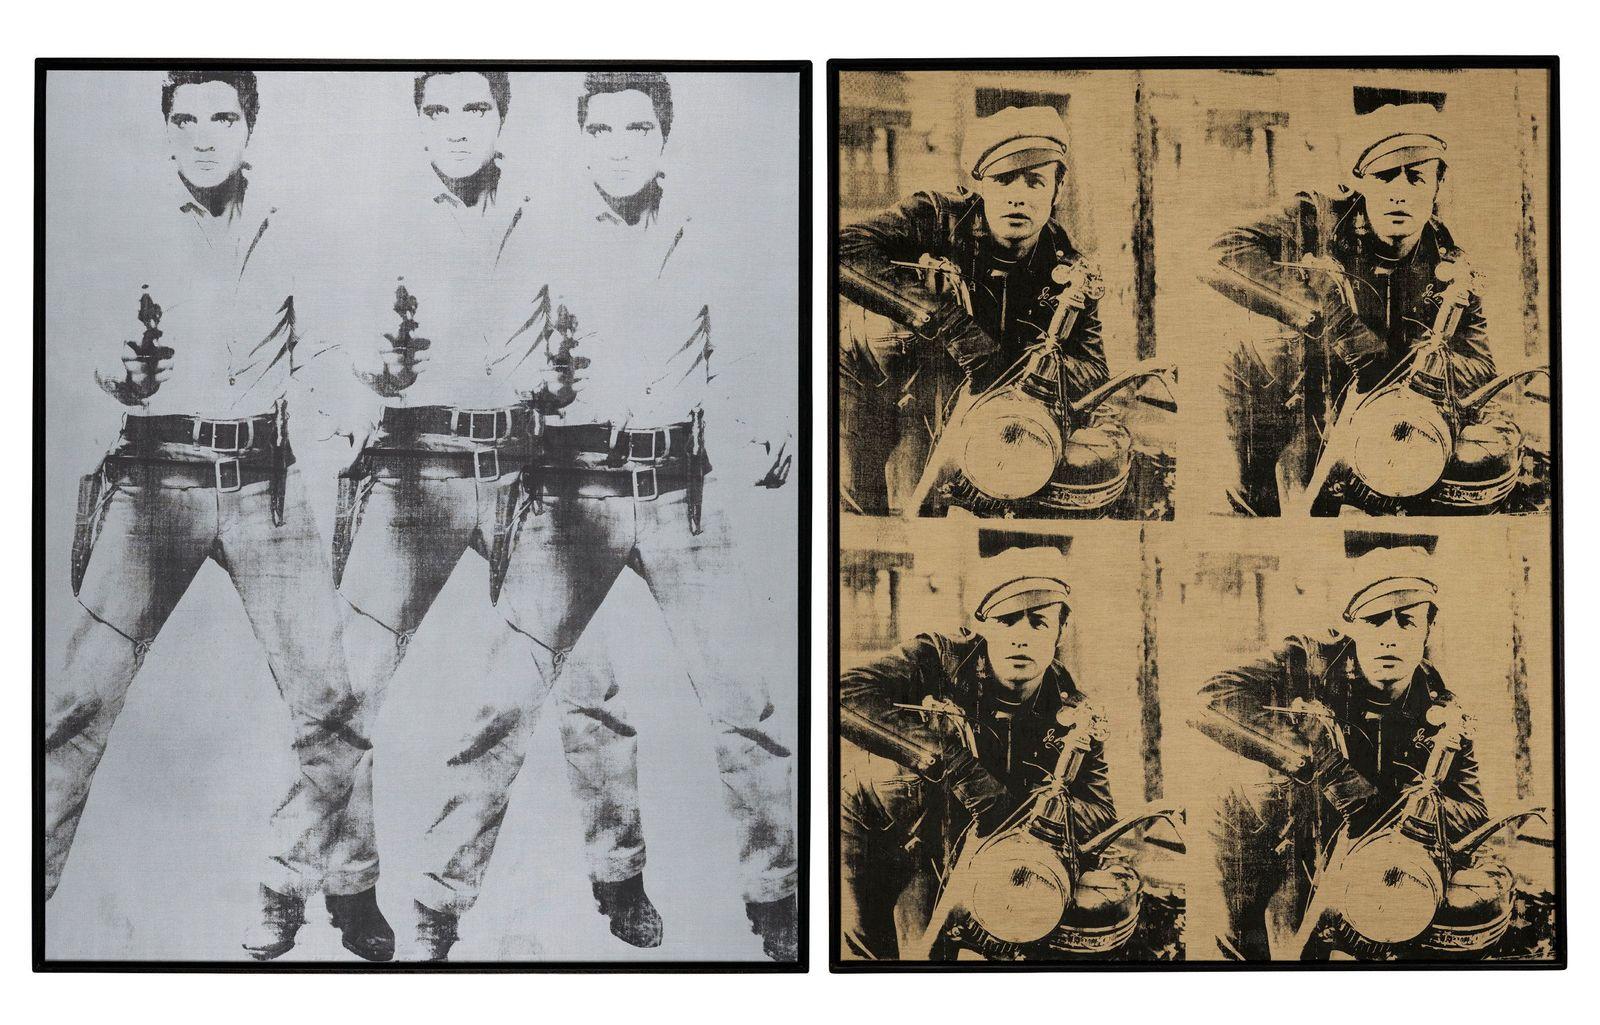 Versteigerung Warhol Bilder